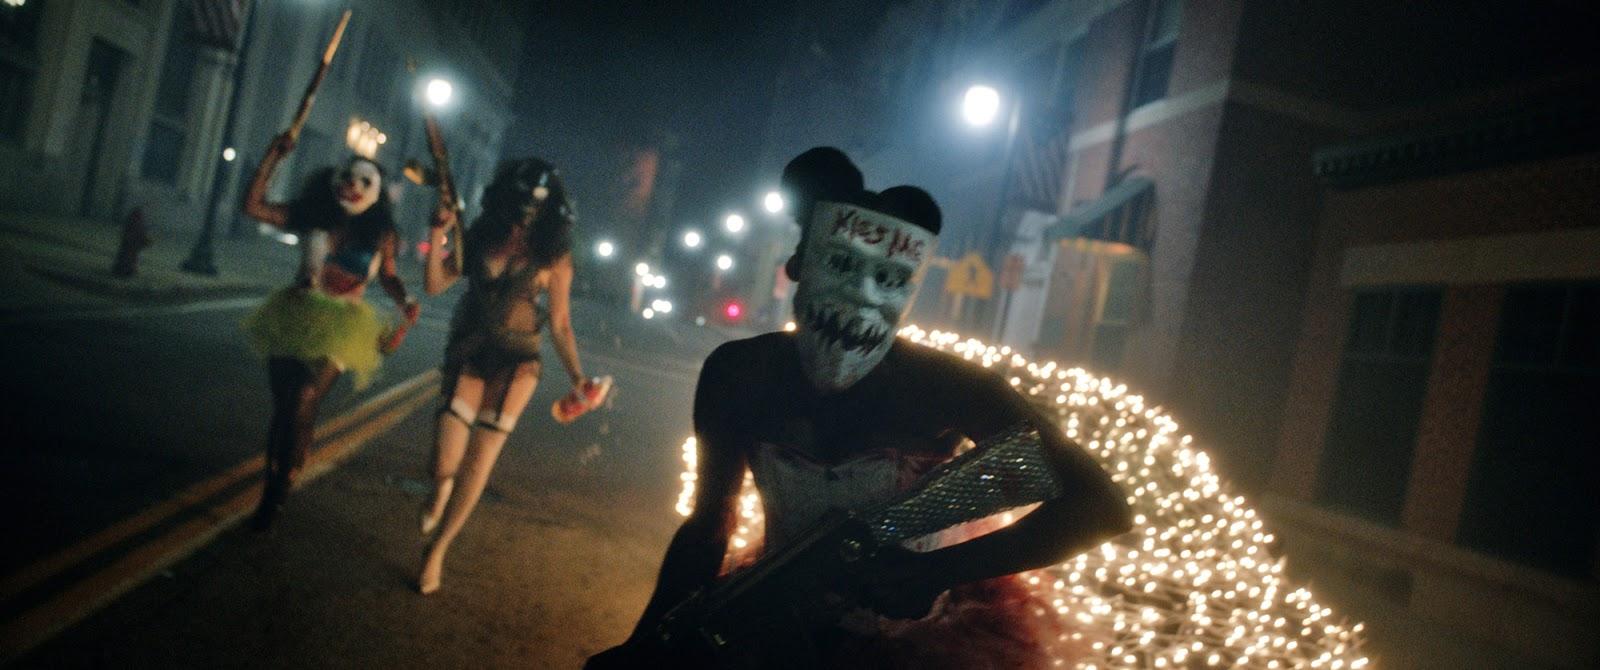 İzlediğim Filmler : Arınma Gecesi